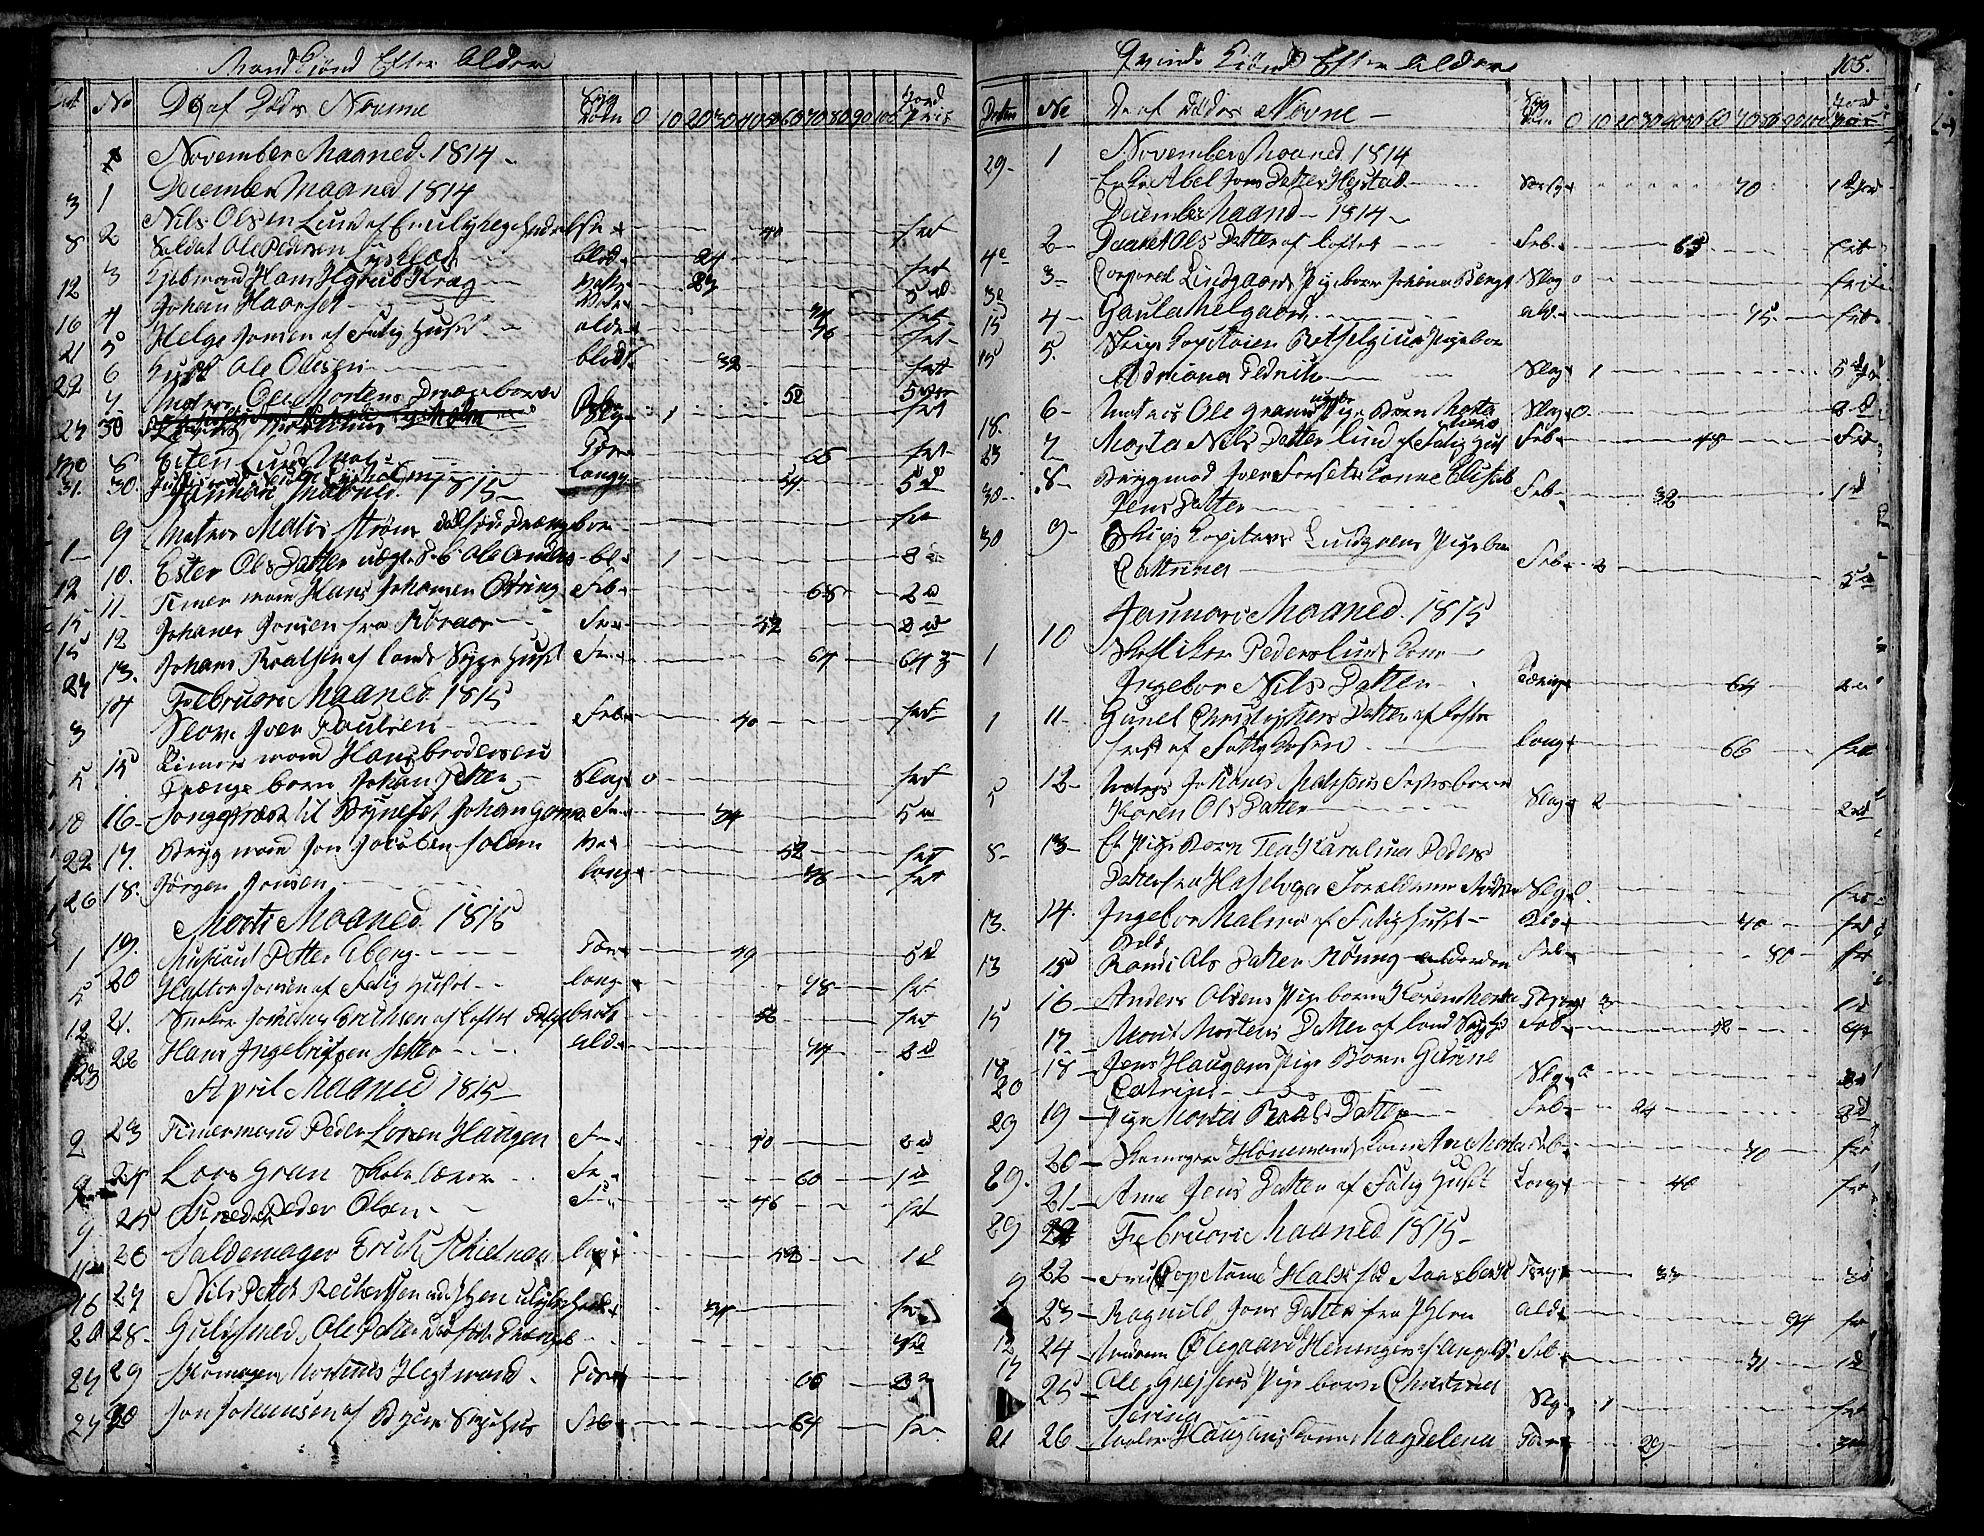 SAT, Ministerialprotokoller, klokkerbøker og fødselsregistre - Sør-Trøndelag, 601/L0040: Ministerialbok nr. 601A08, 1783-1818, s. 105